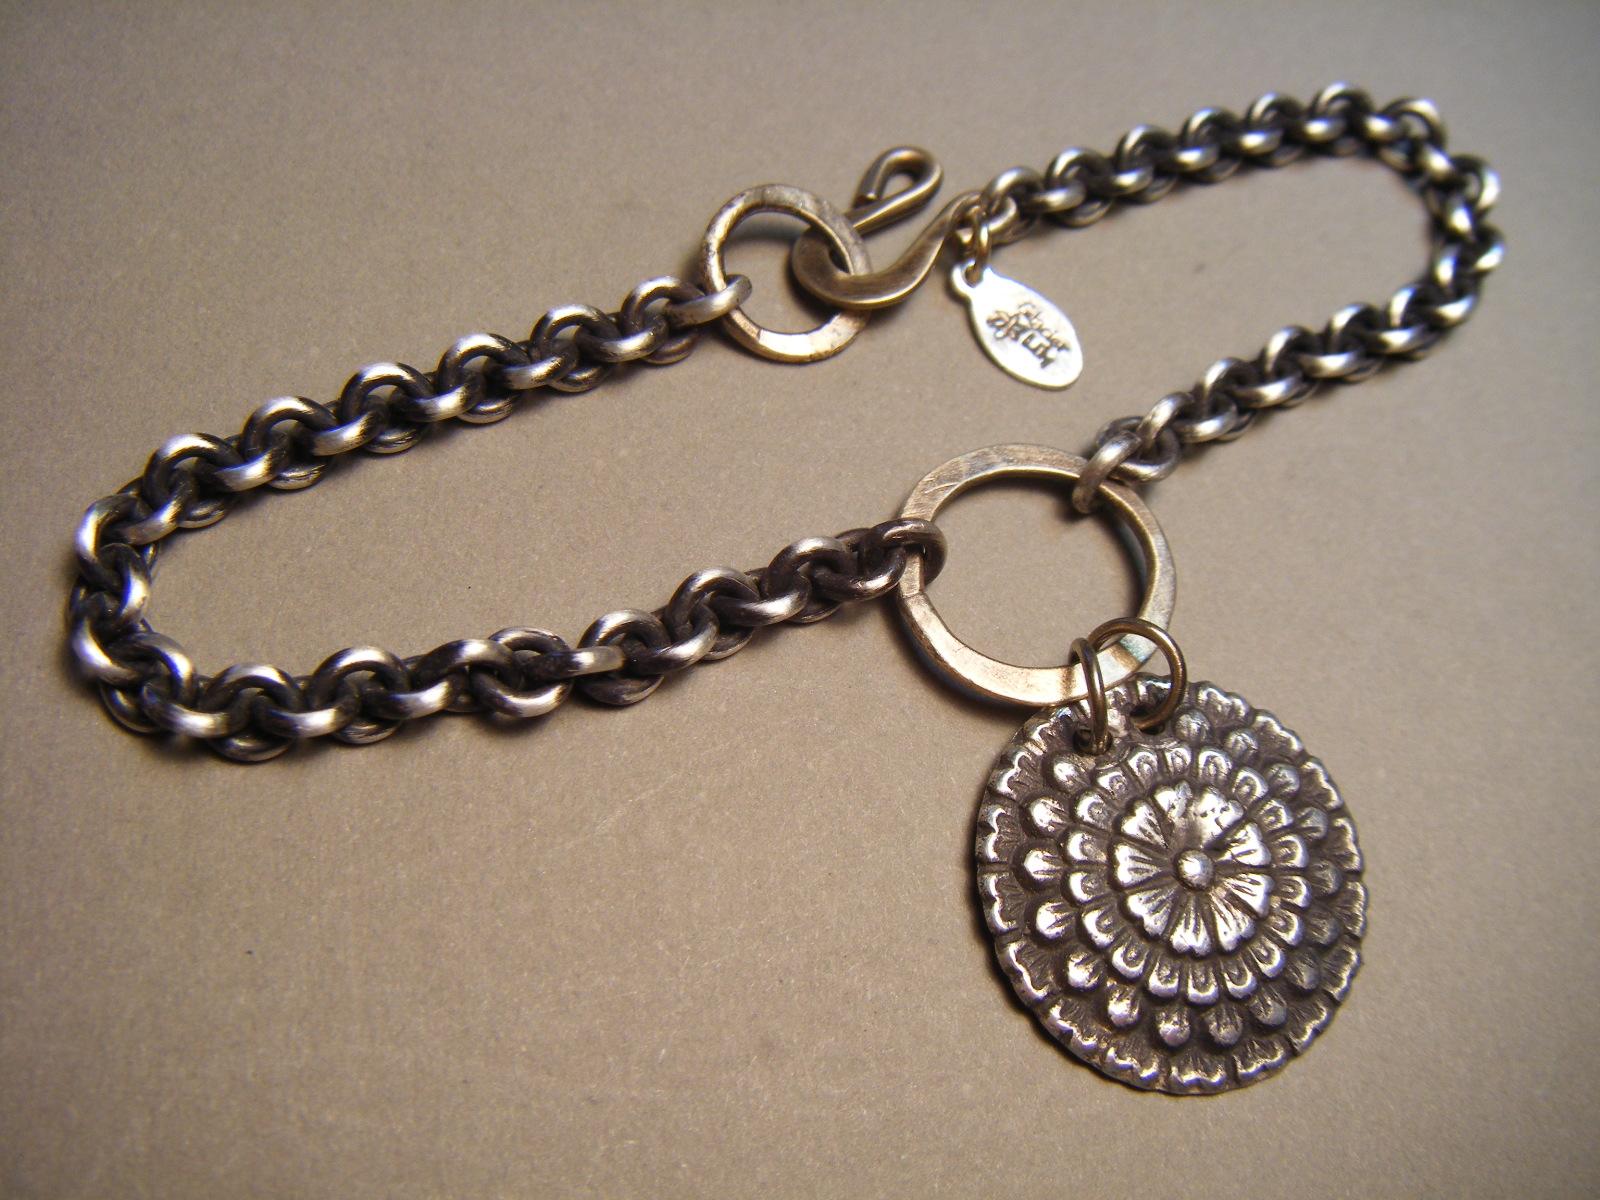 Cactus Dahlia Bracelet #b41